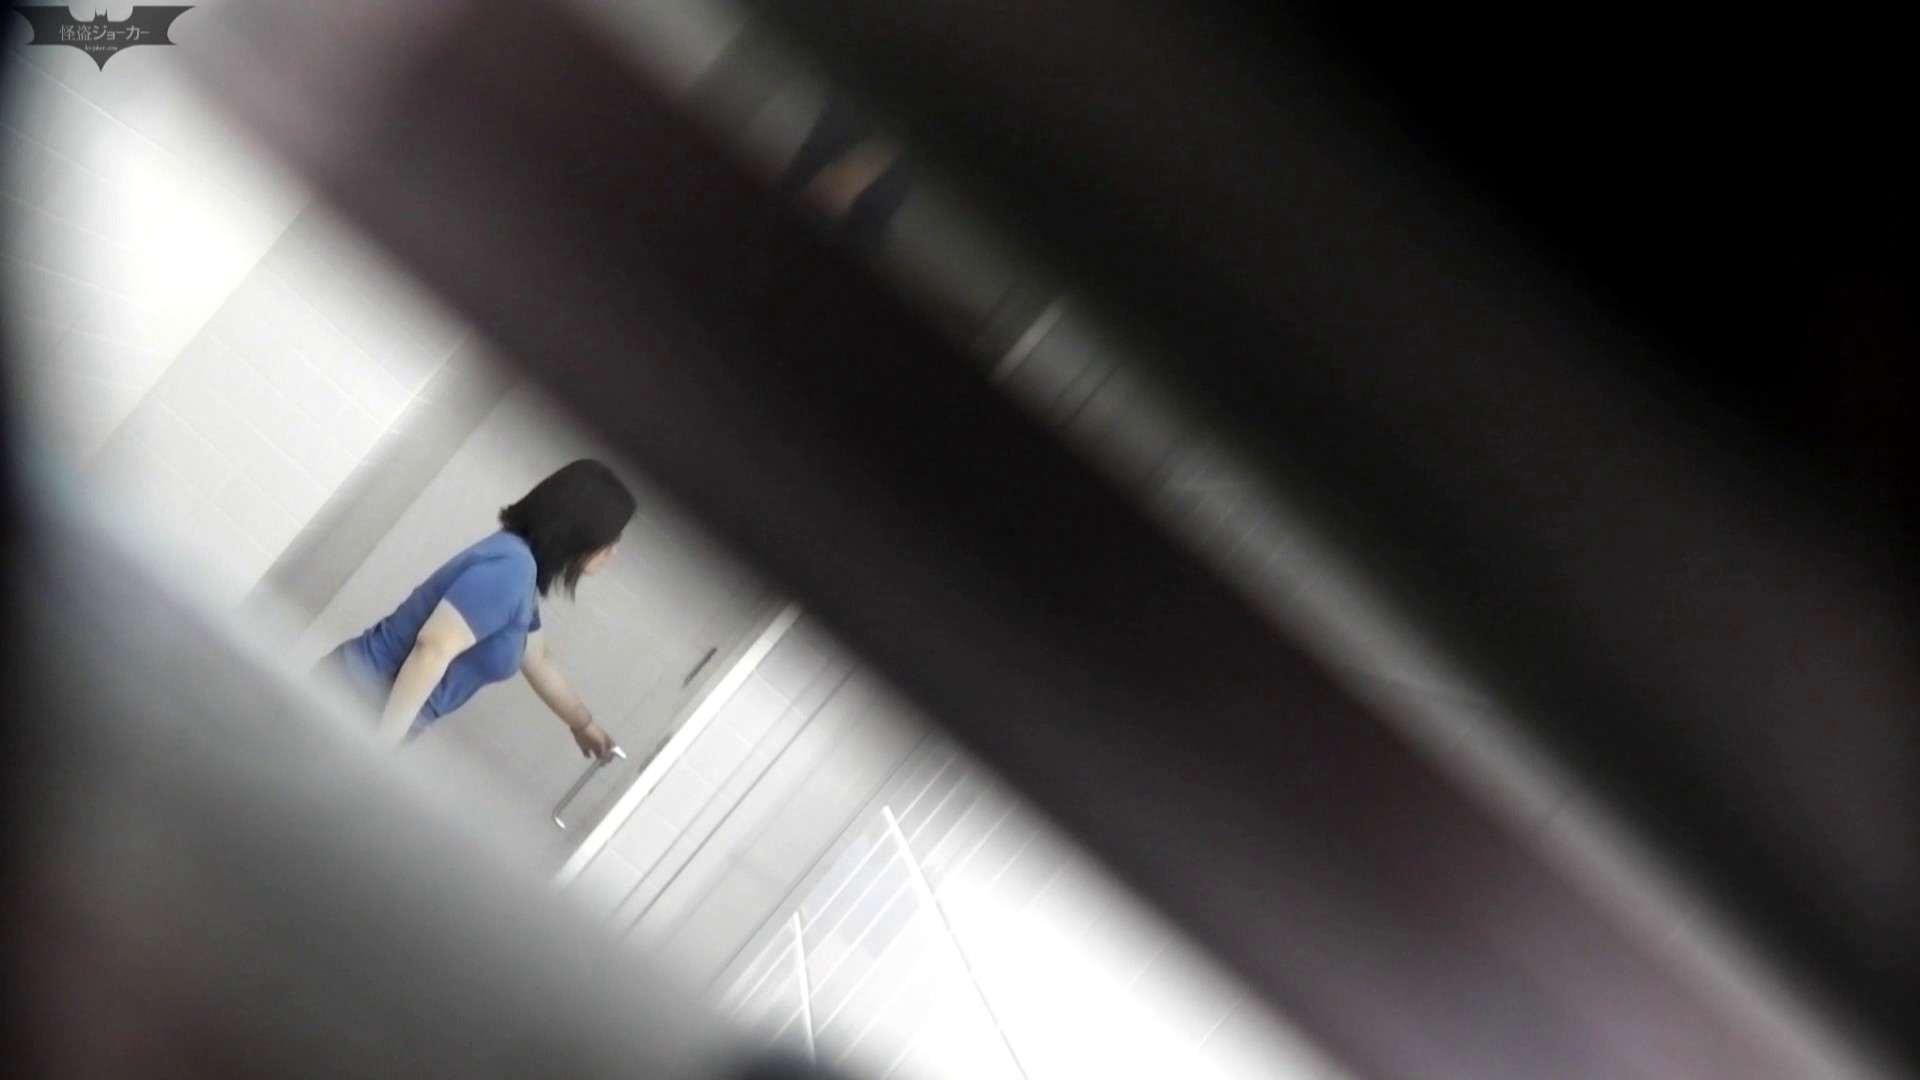 お銀 vol.68 無謀に通路に飛び出て一番明るいフロント撮り実現、見所満載 お姉さんのSEX スケベ動画紹介 77枚 59